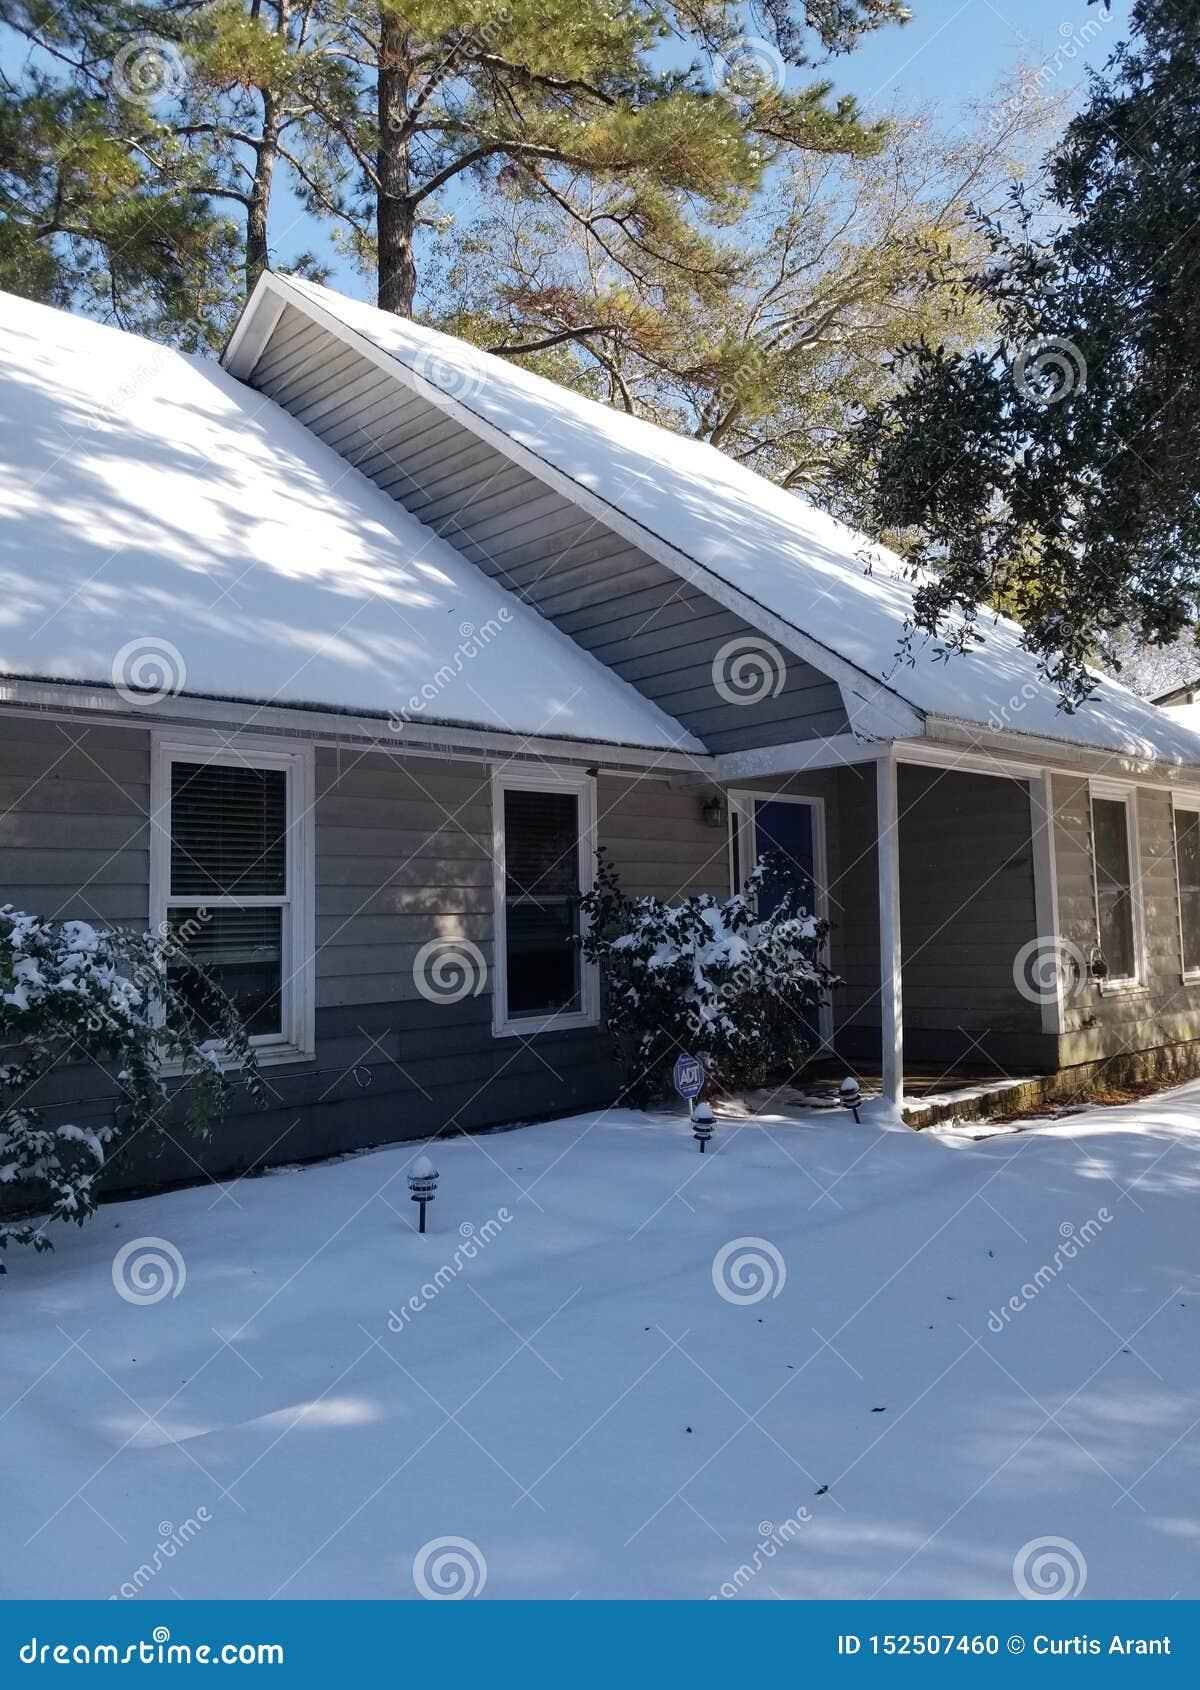 Chambre couverte dans la neige